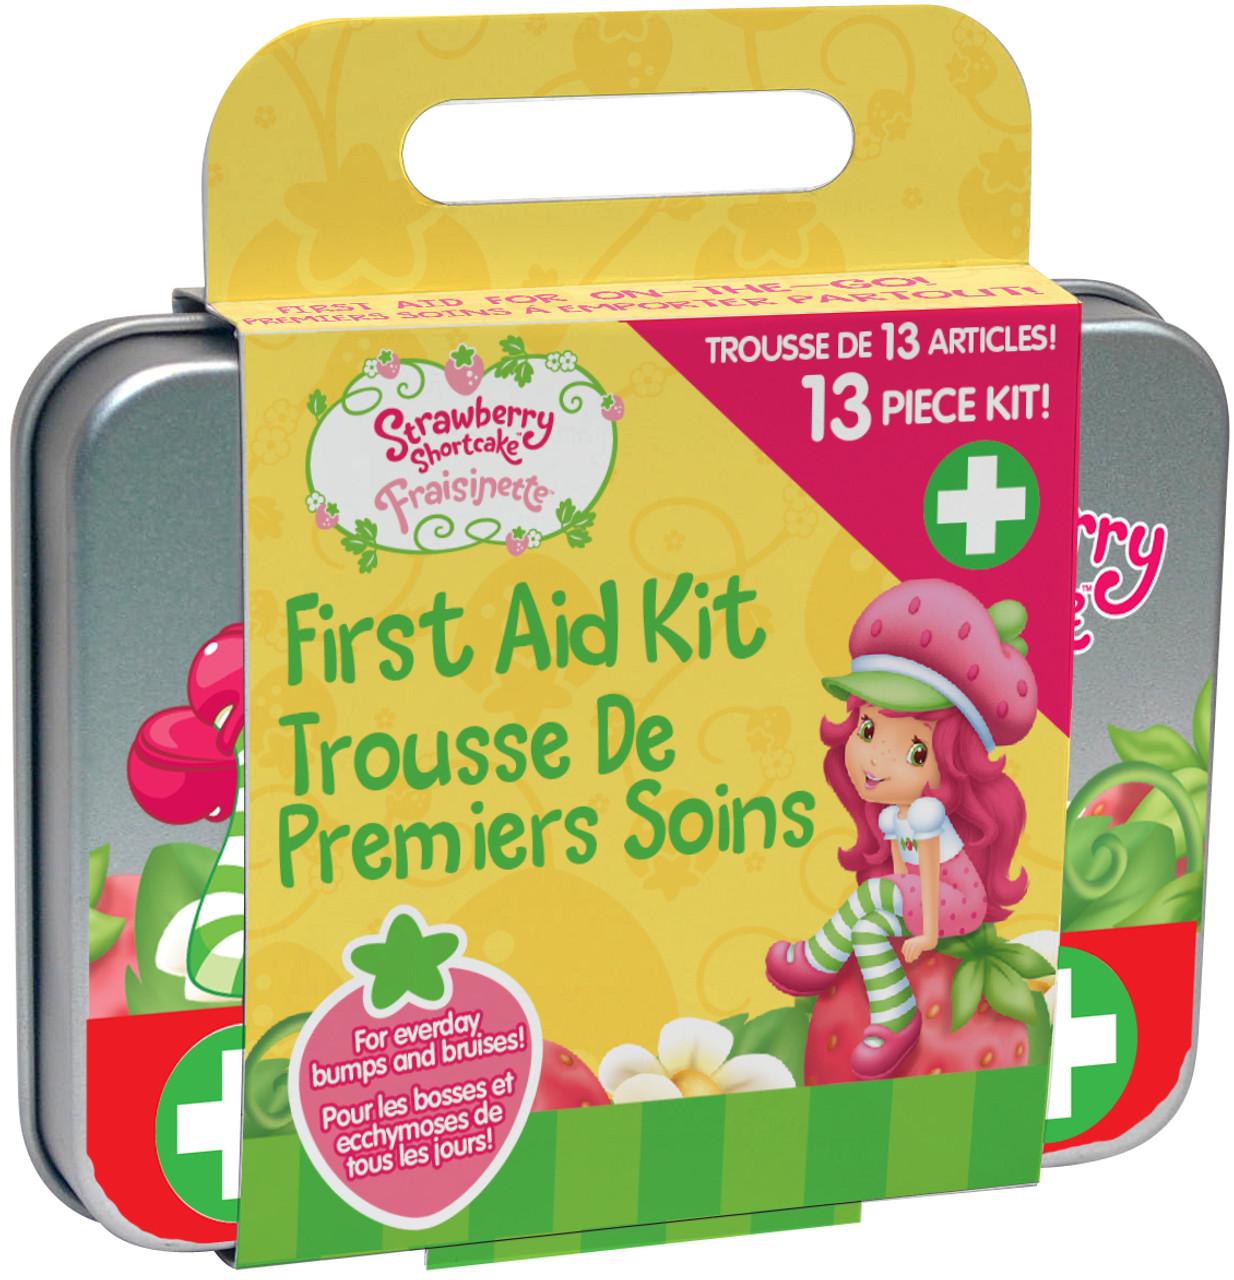 contains 2 antiseptic wipes 2 gauze pads 4 large bandages 4 small bandages